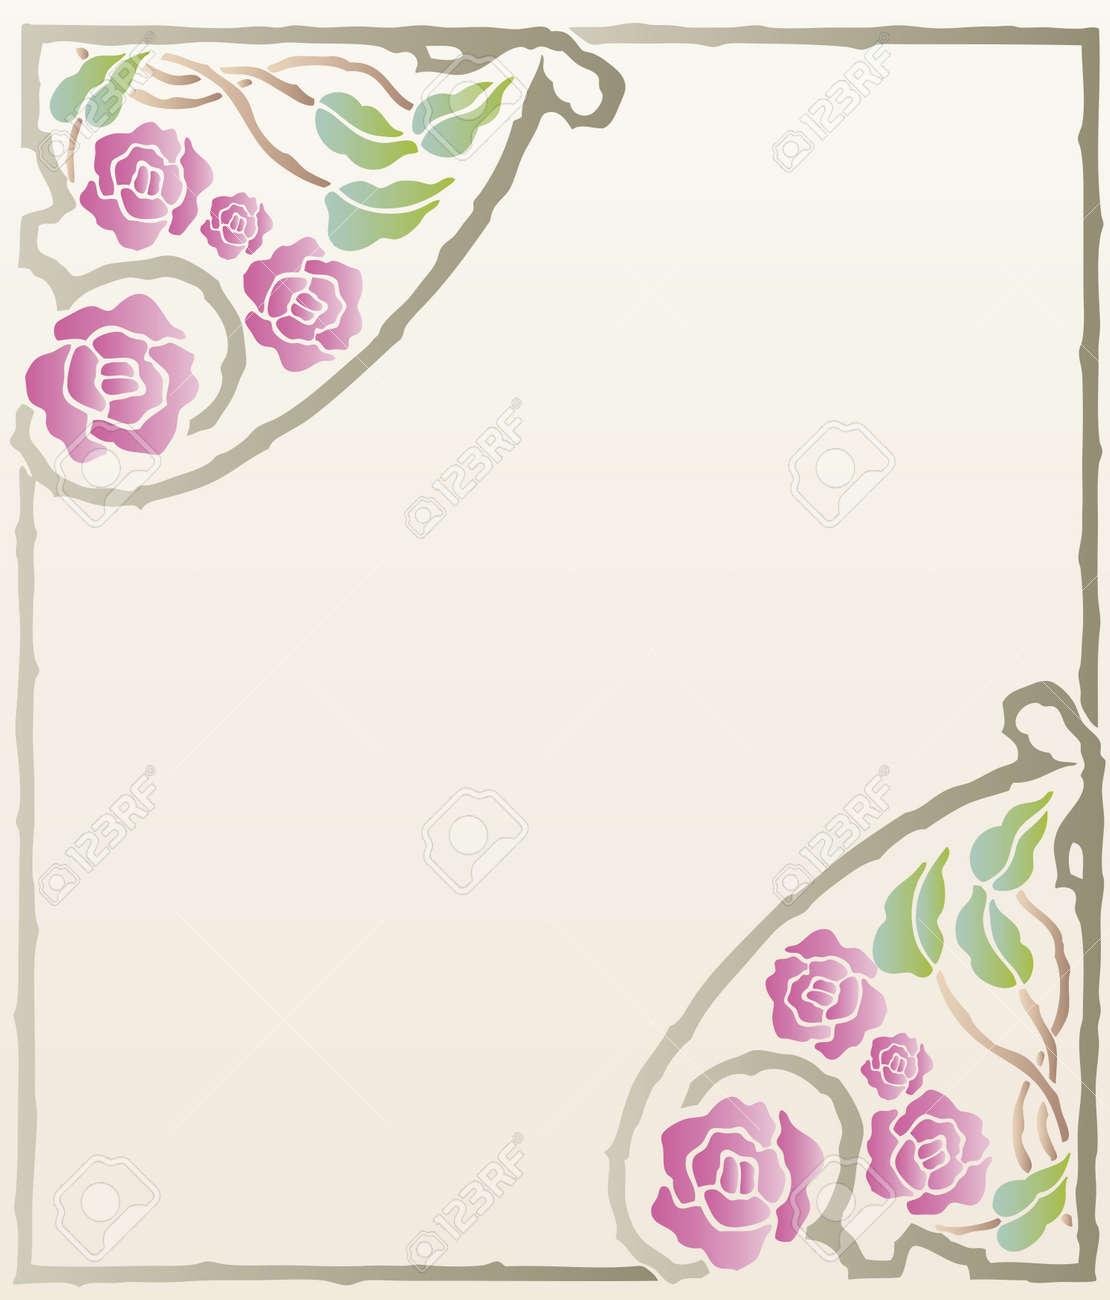 Beautiful decorative floral frame, art nouveau design element Stock Vector - 16104288